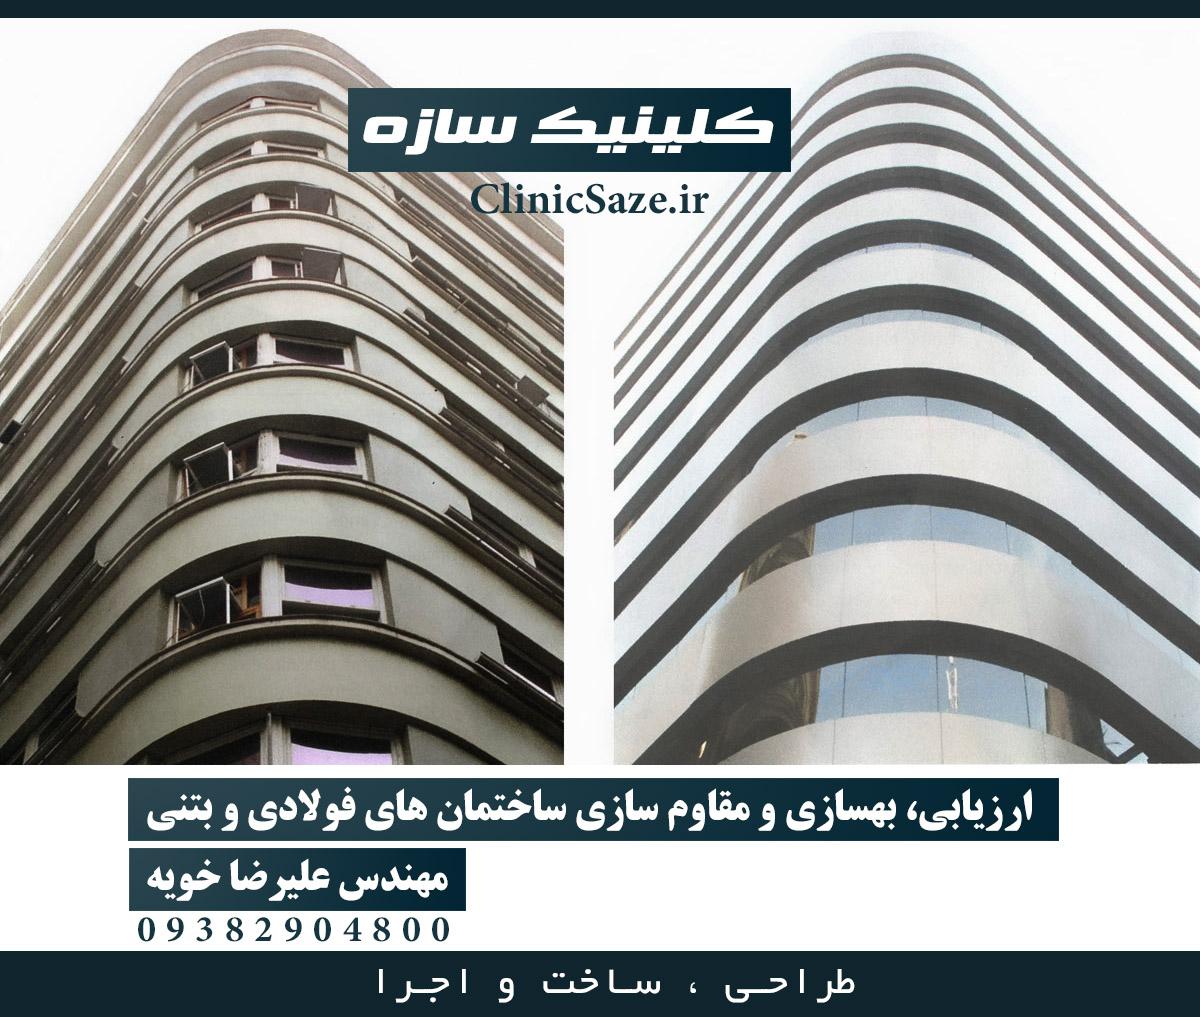 بهسازی و مقاوم سازی ساختمان های فولادی و بتنی ساختمان ضد زلزله